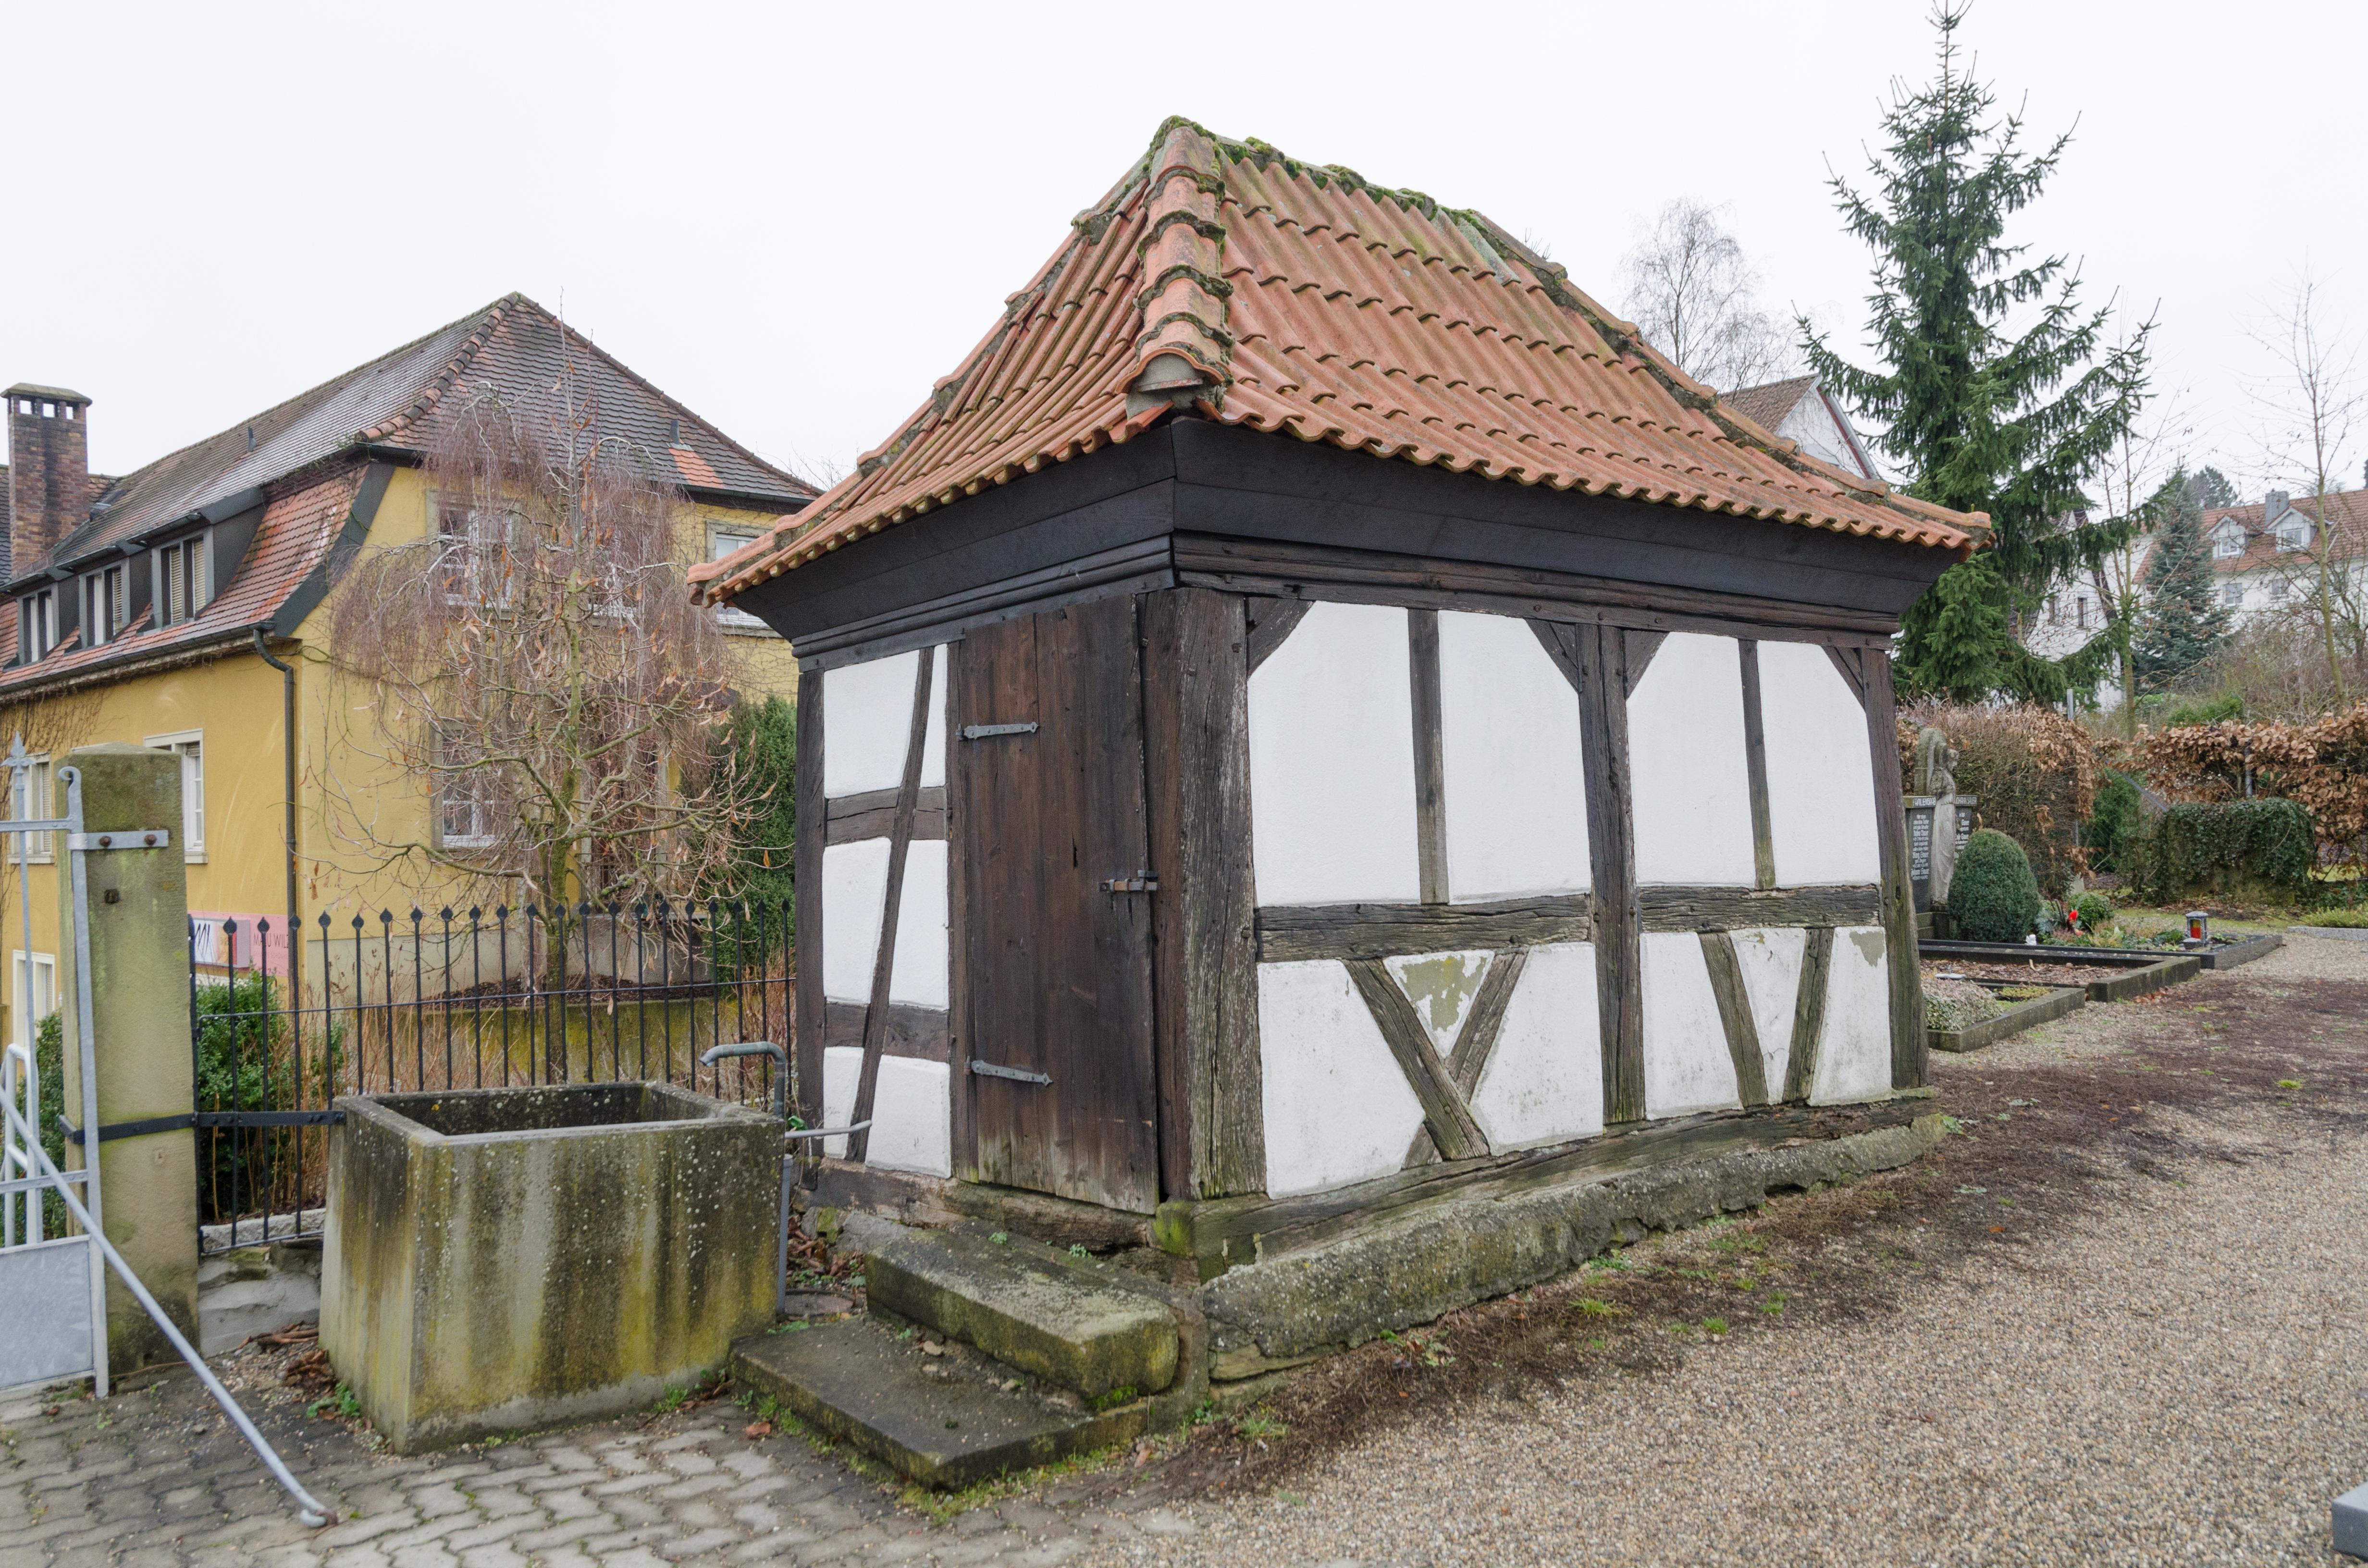 file dittelbrunn hambach friedhof fachwerkschuppen 001. Black Bedroom Furniture Sets. Home Design Ideas